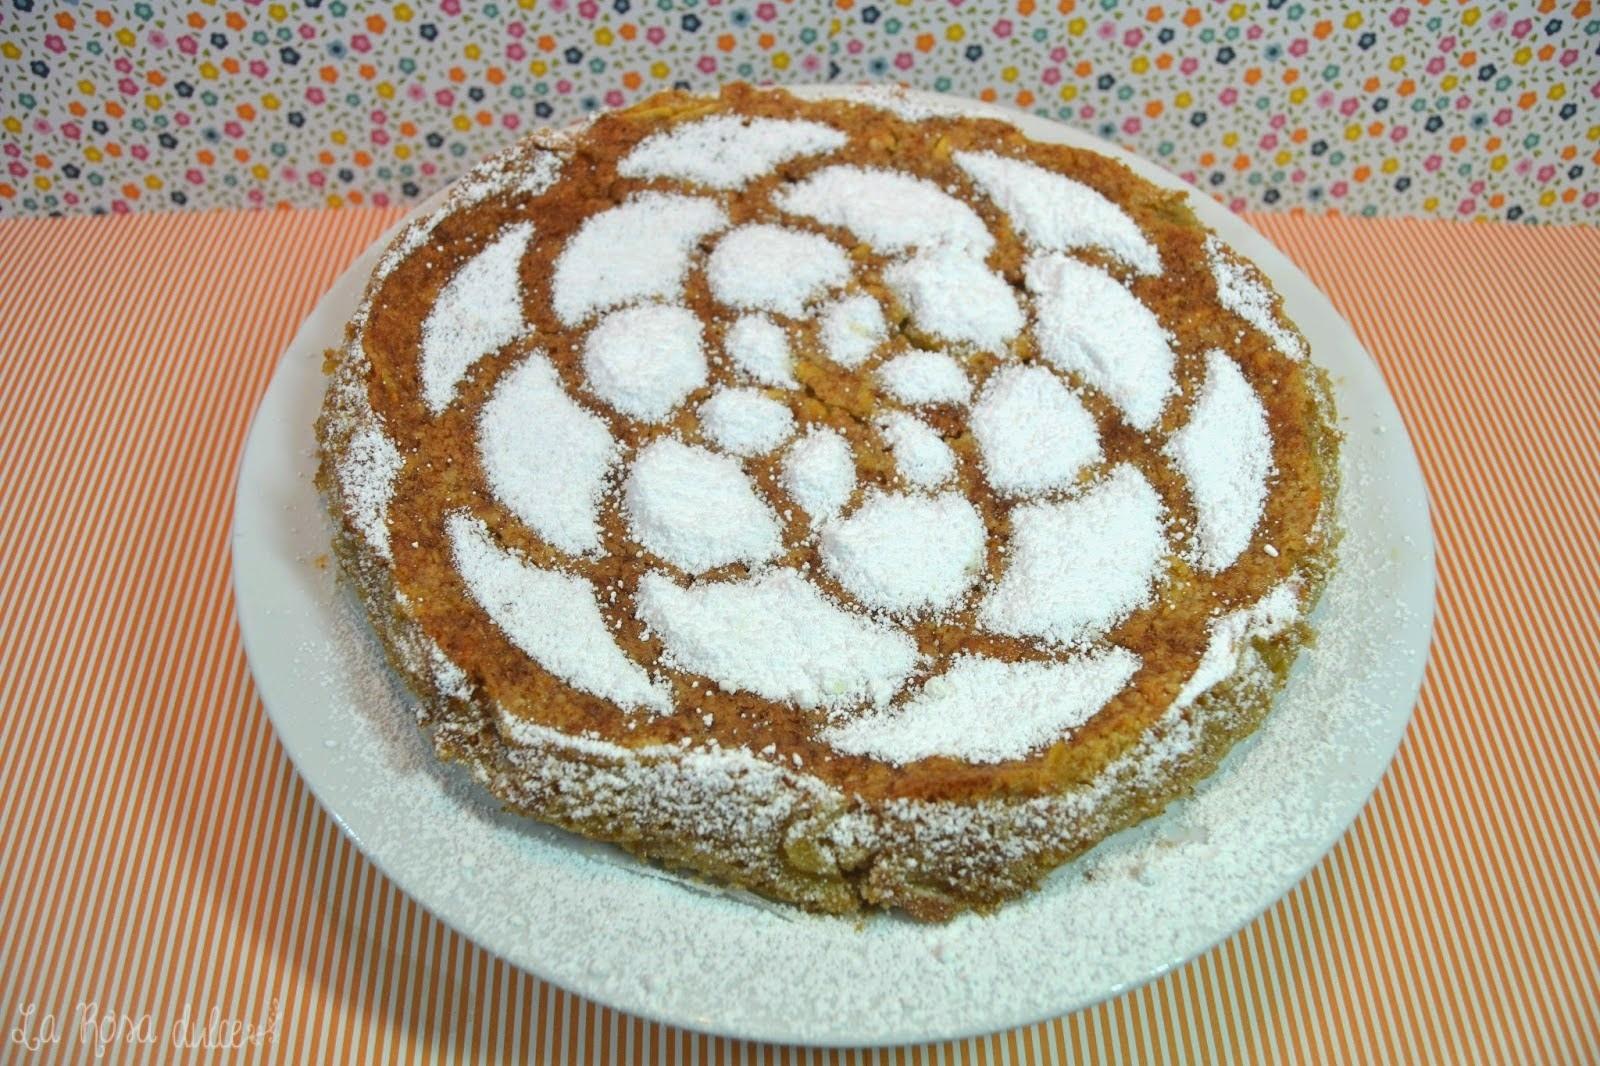 C Cocina Postres Caseros Amanda Laporte | Recetas De Canal Cocina Postres Caseros Amanda Laporte Mytaste